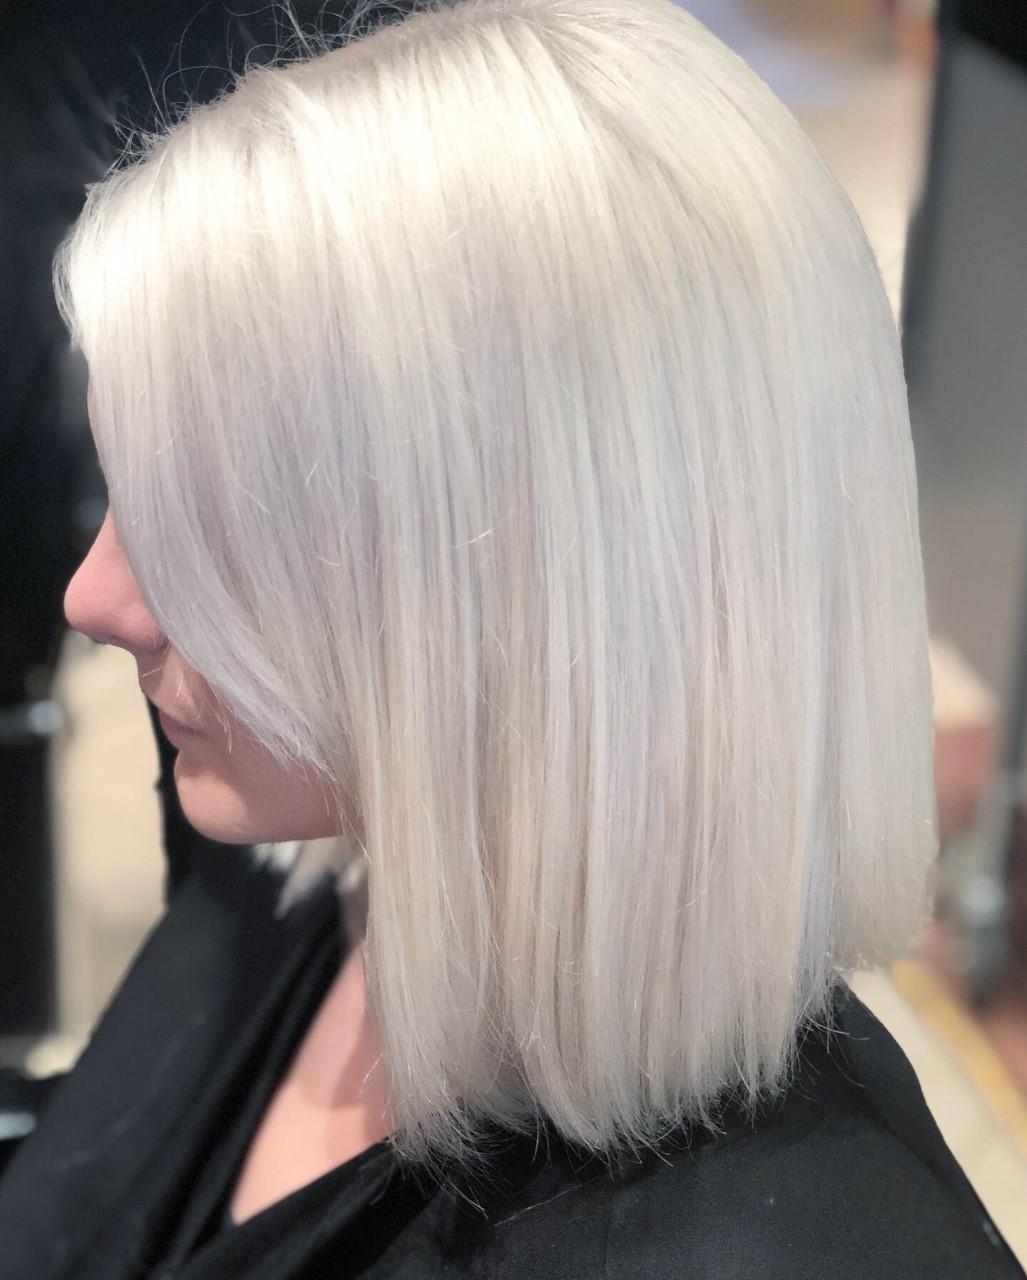 Carré plongeant blond polaire - Salon de coiffure Kami Coiffure 75012 Paris - 75008 Paris